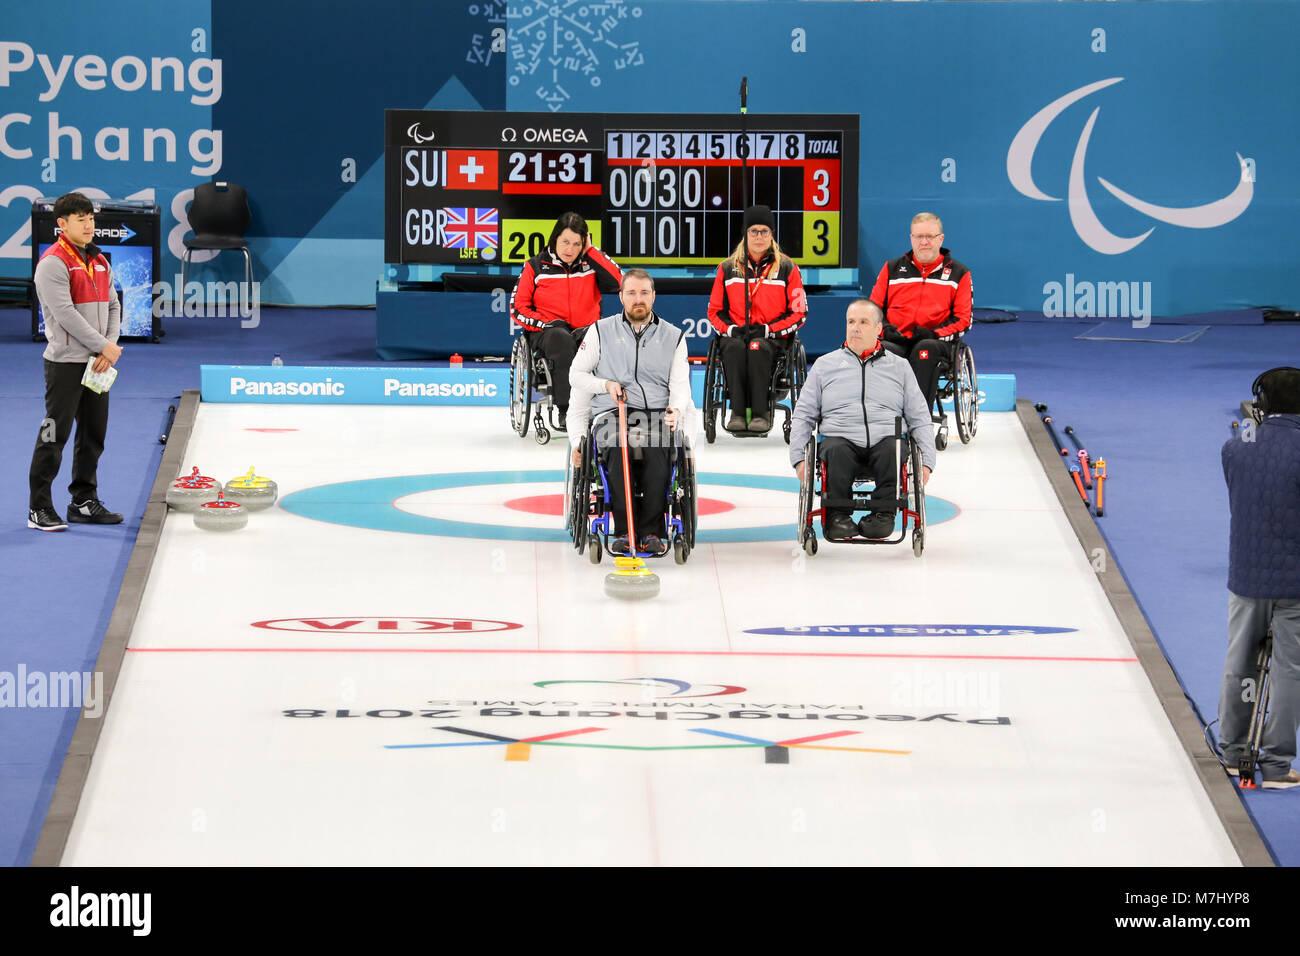 Pyeongchang, Corea del Sur. 11 de marzo de 2018. Curling competencia ...